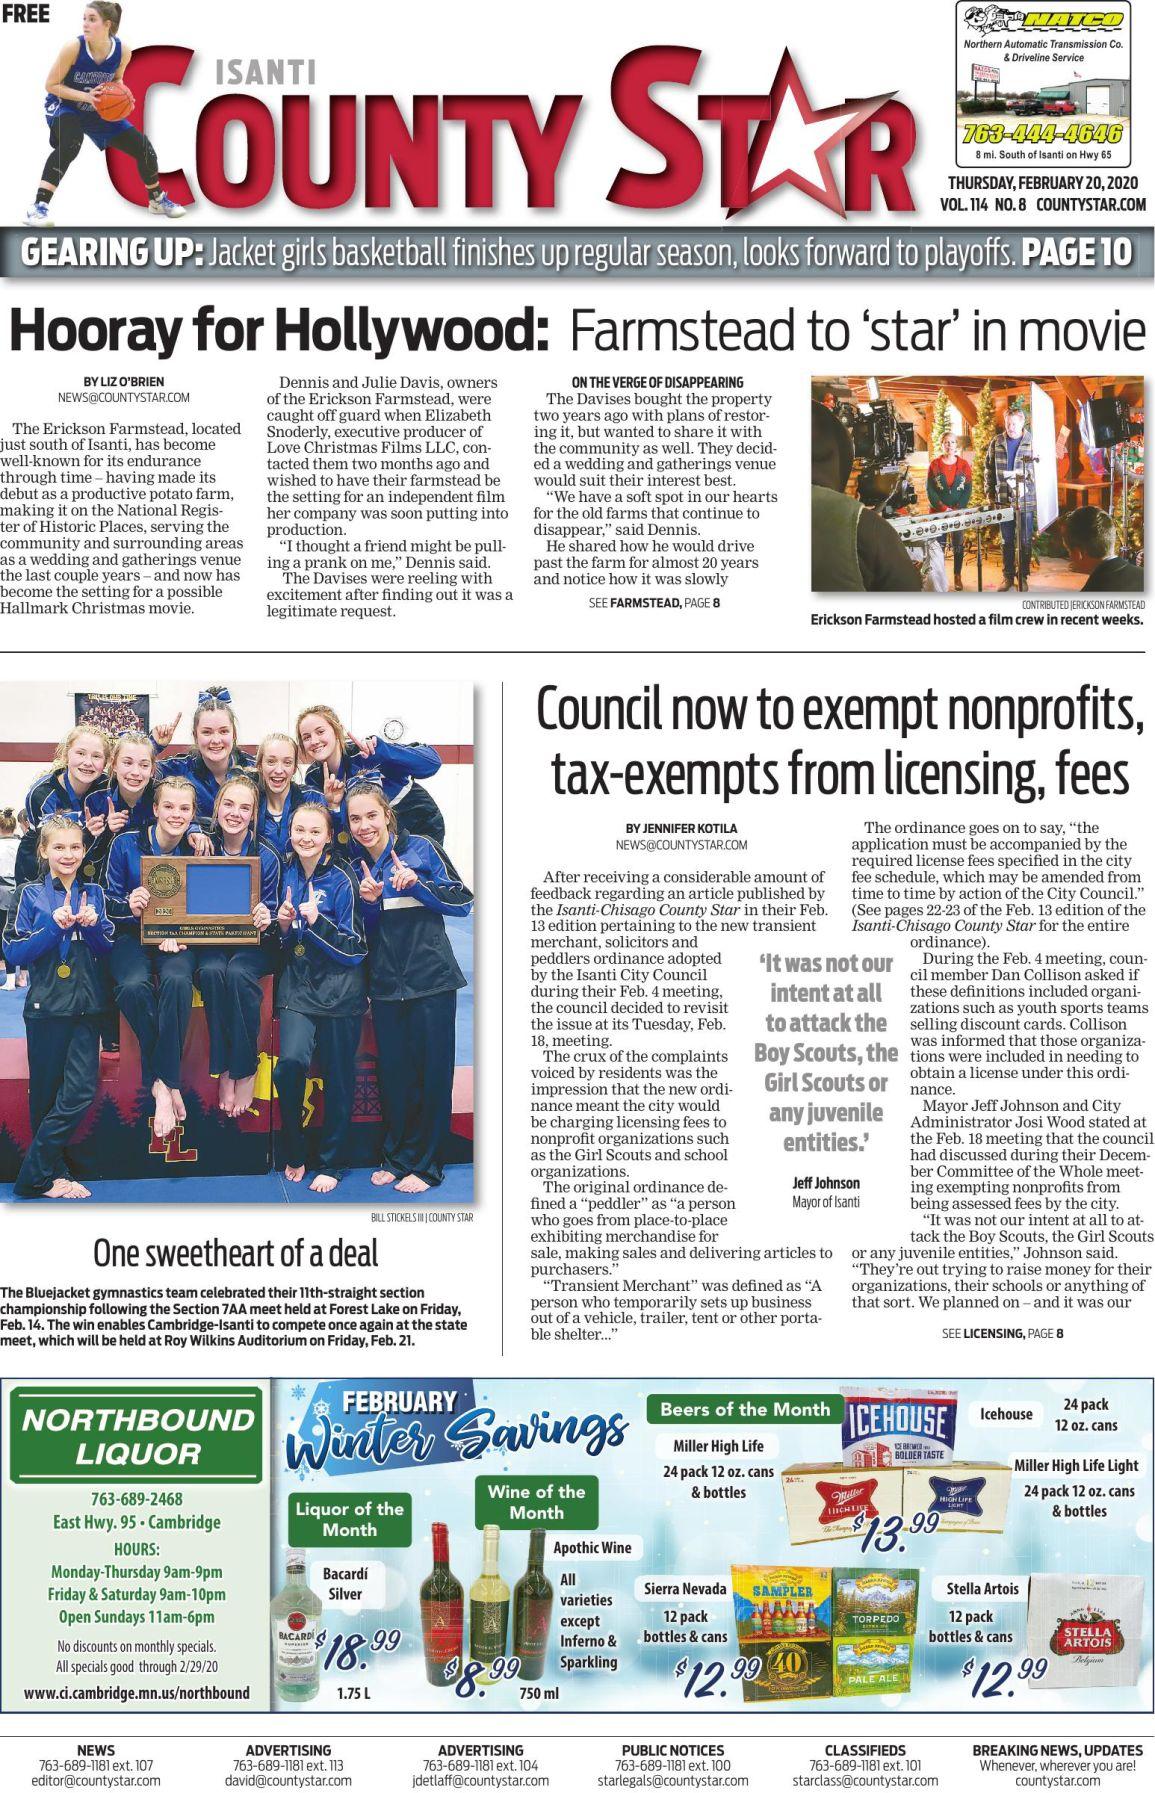 Isanti County Star February 20, 2020 e-edition